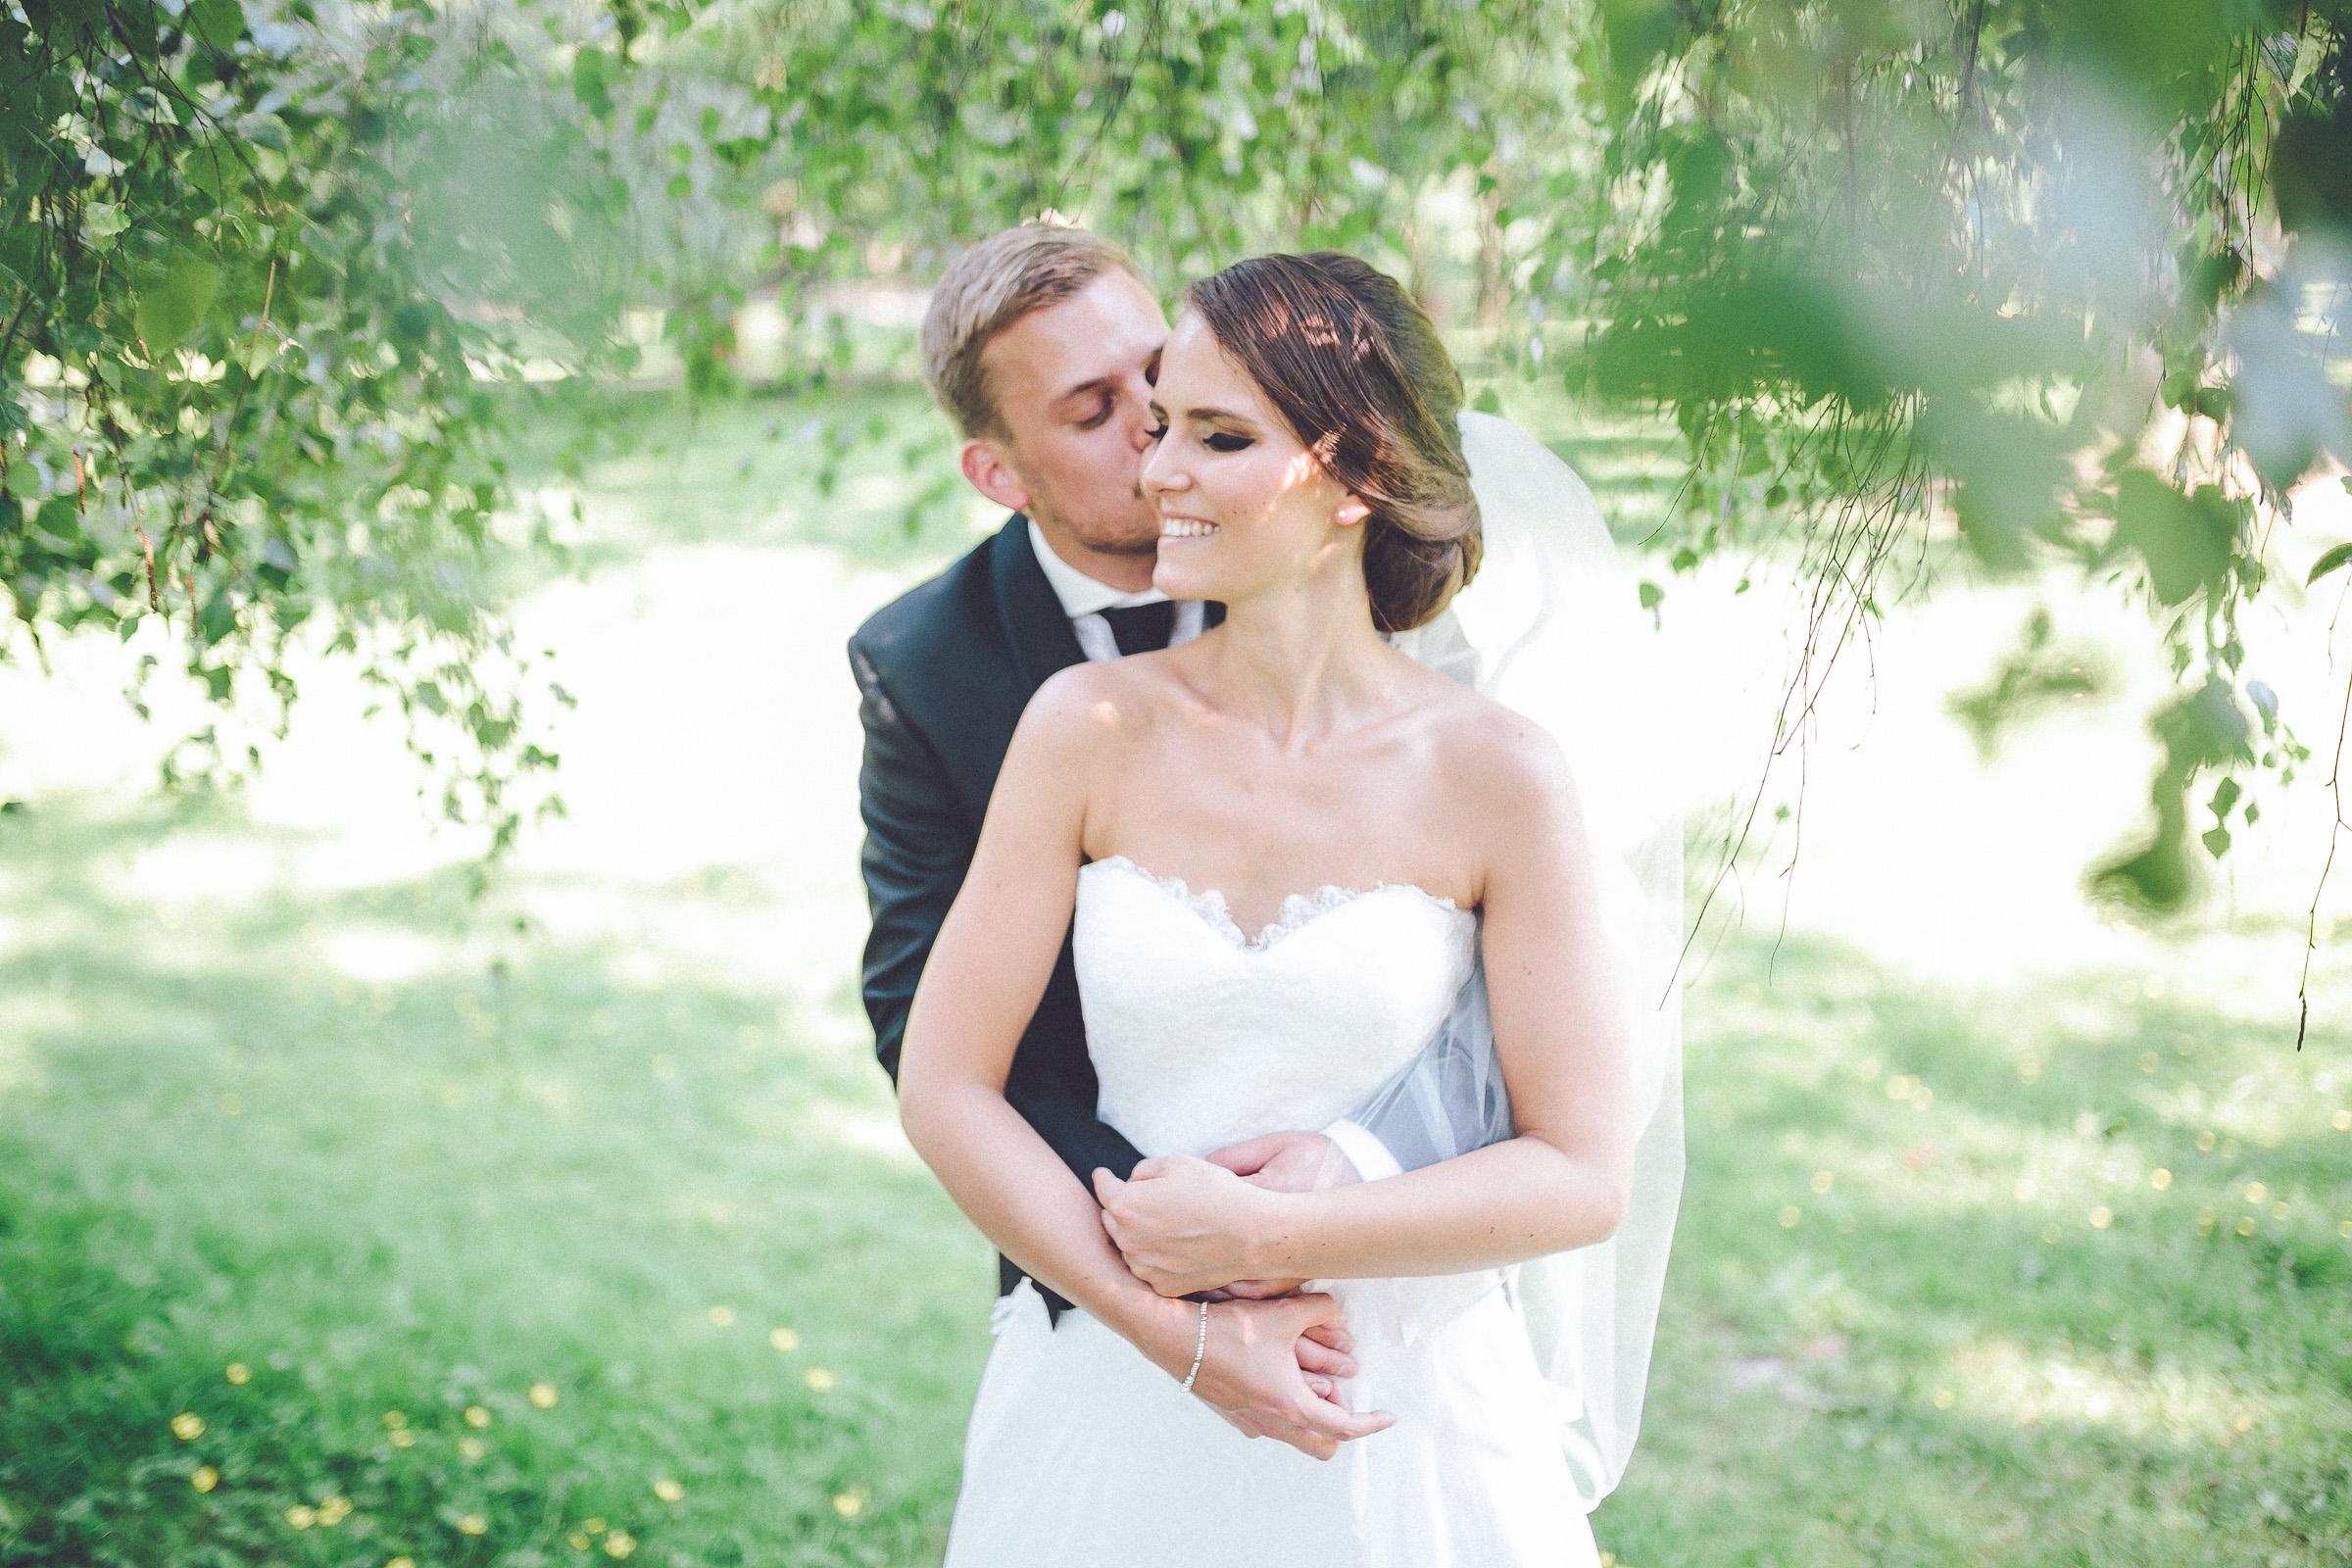 Hochzeitsfotograf in Köln - Hochzeitsreportage im Elshof